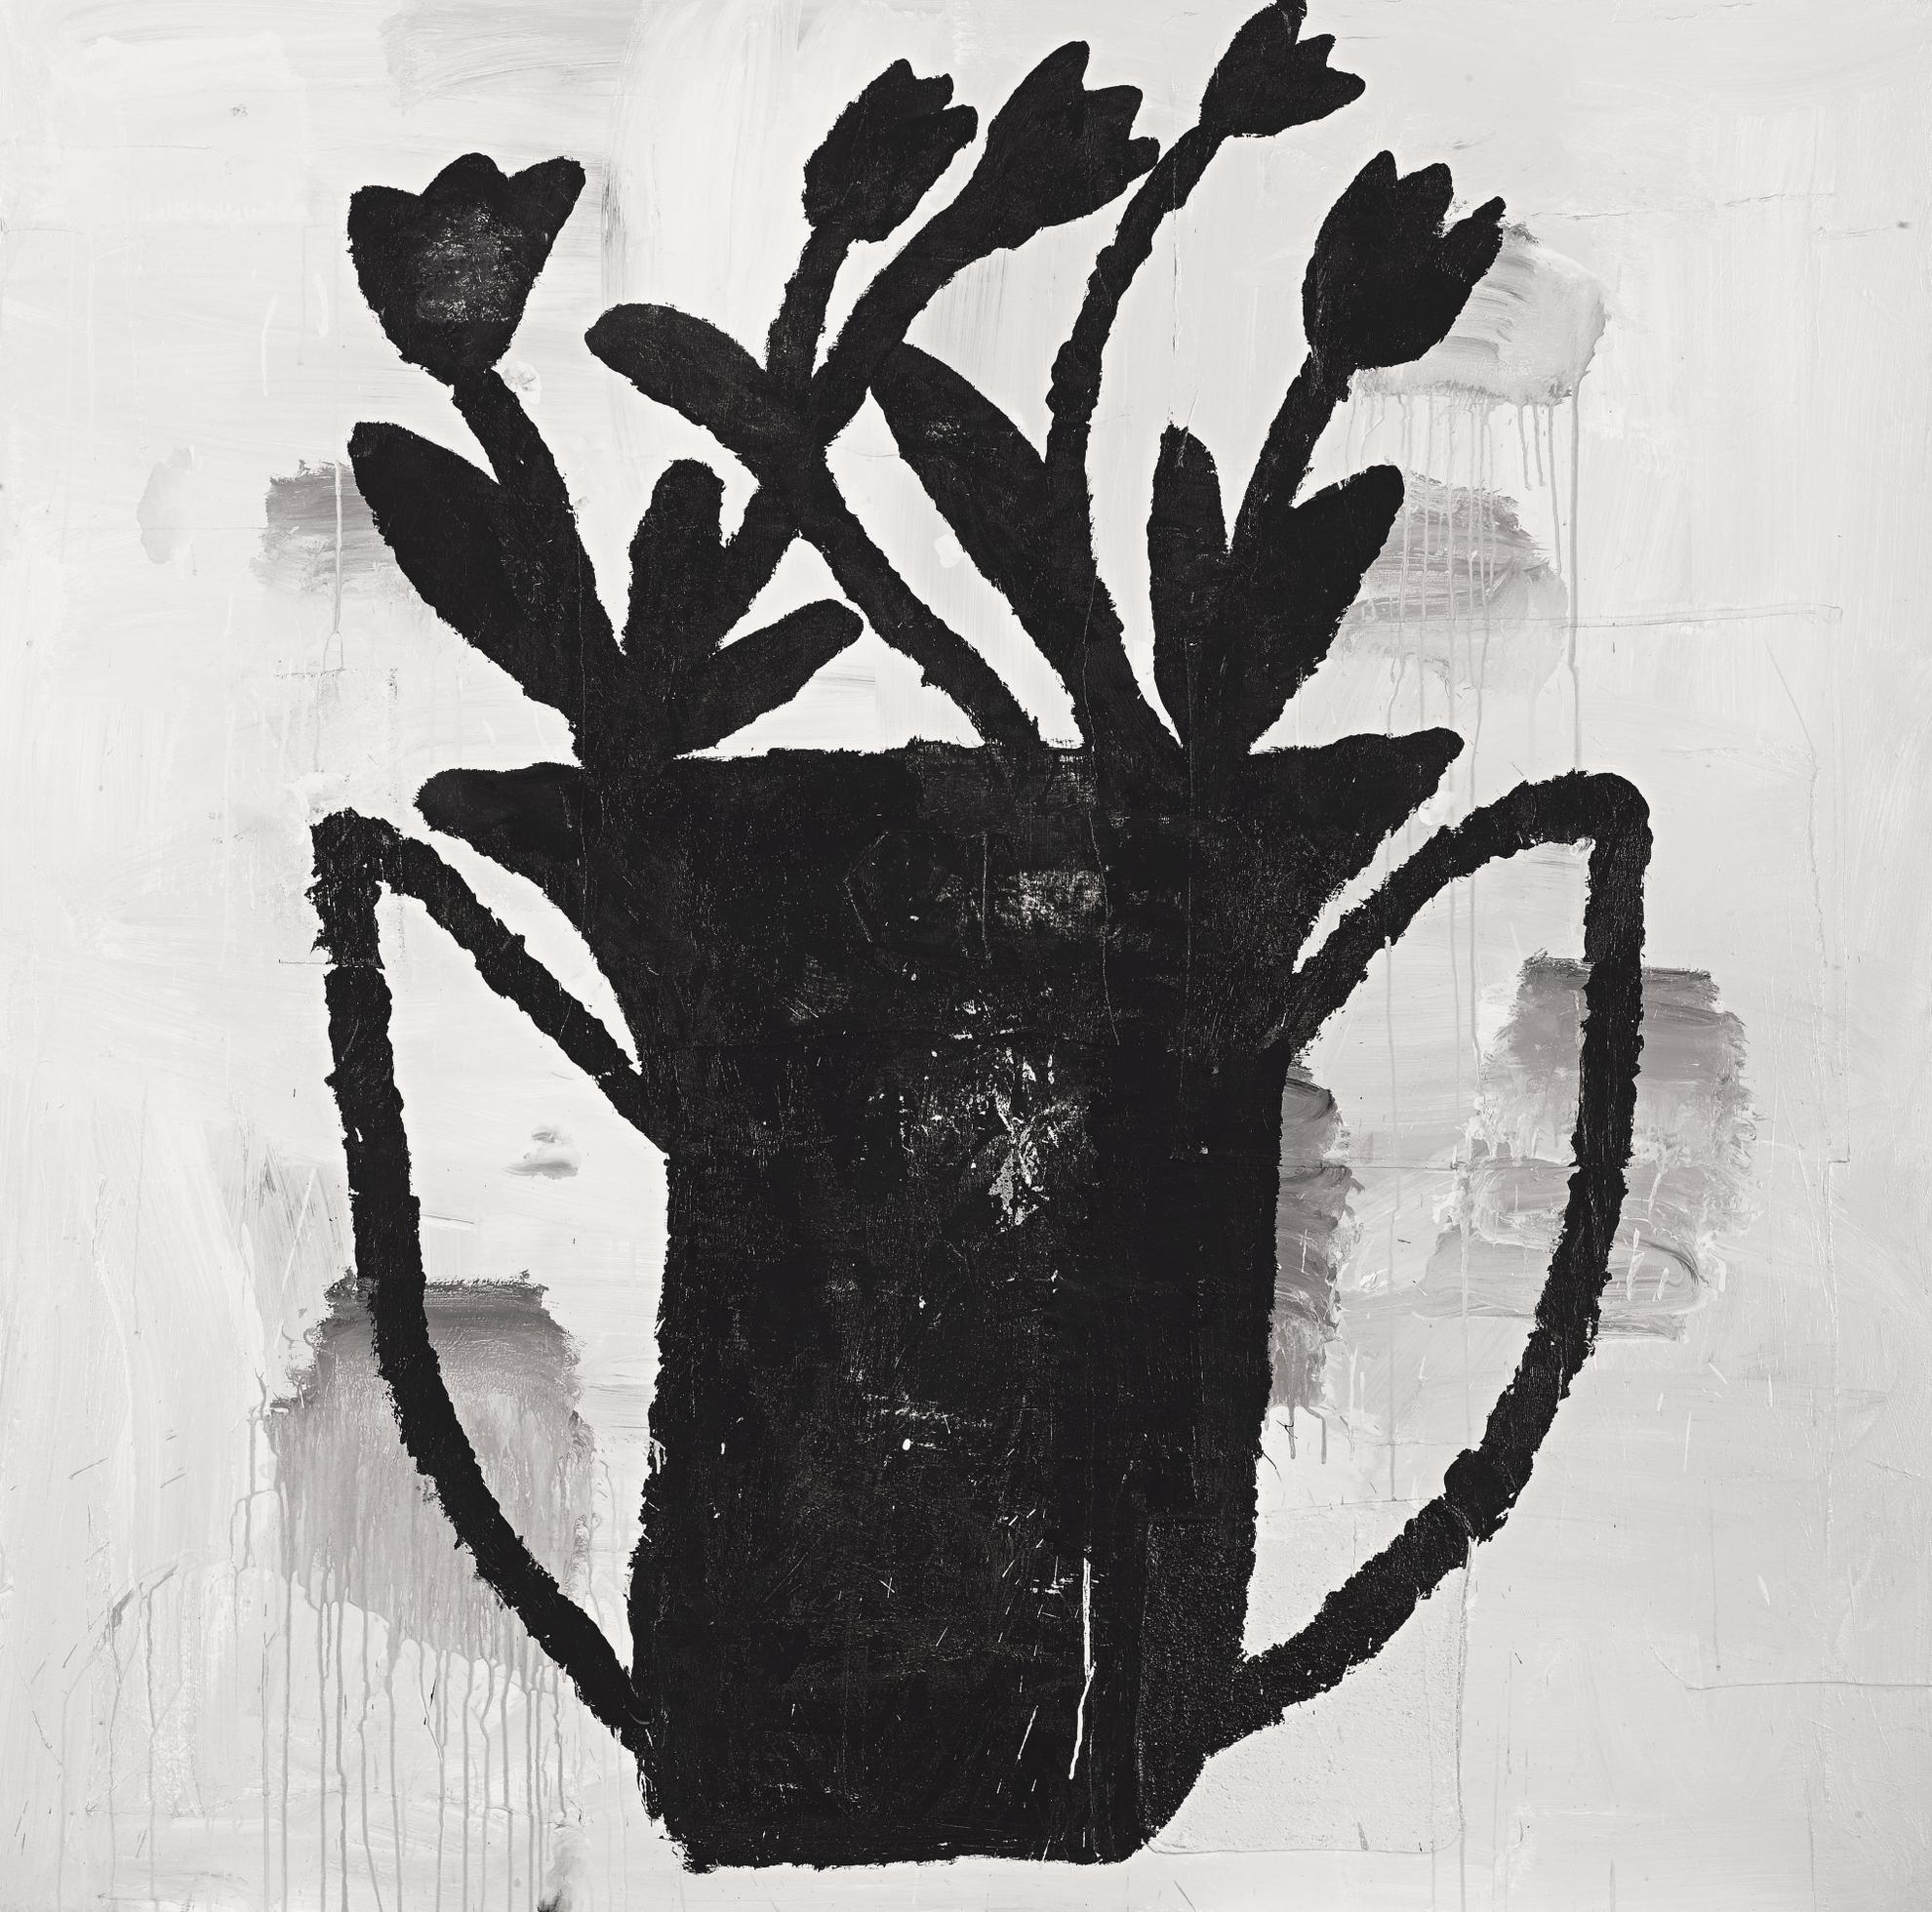 Donald Baechler-Flowers #21-98-1998